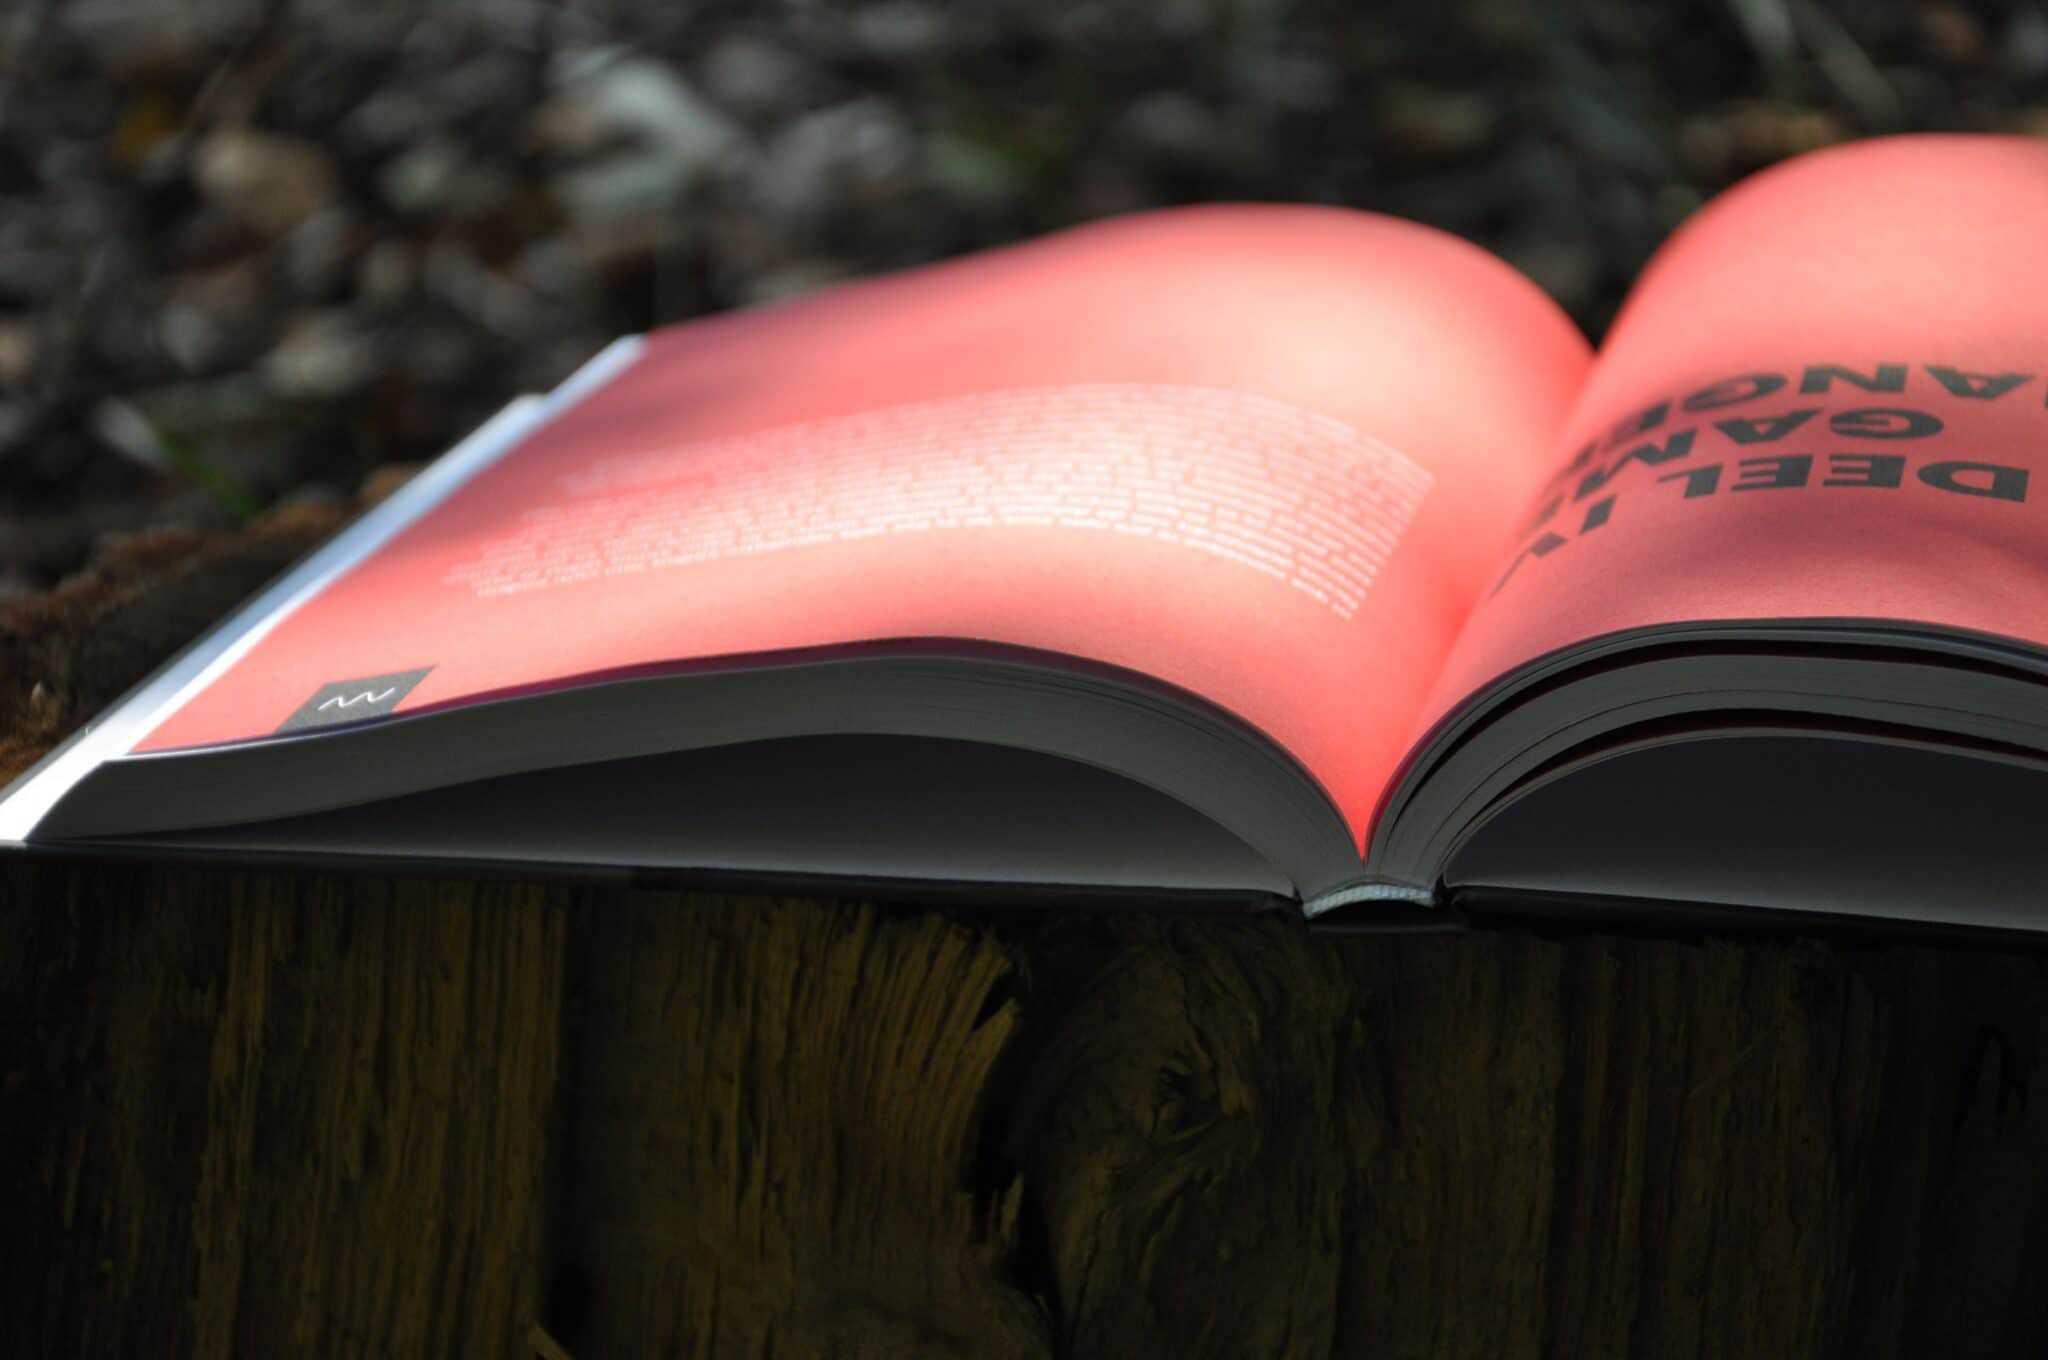 Foto: Het Boekenschap